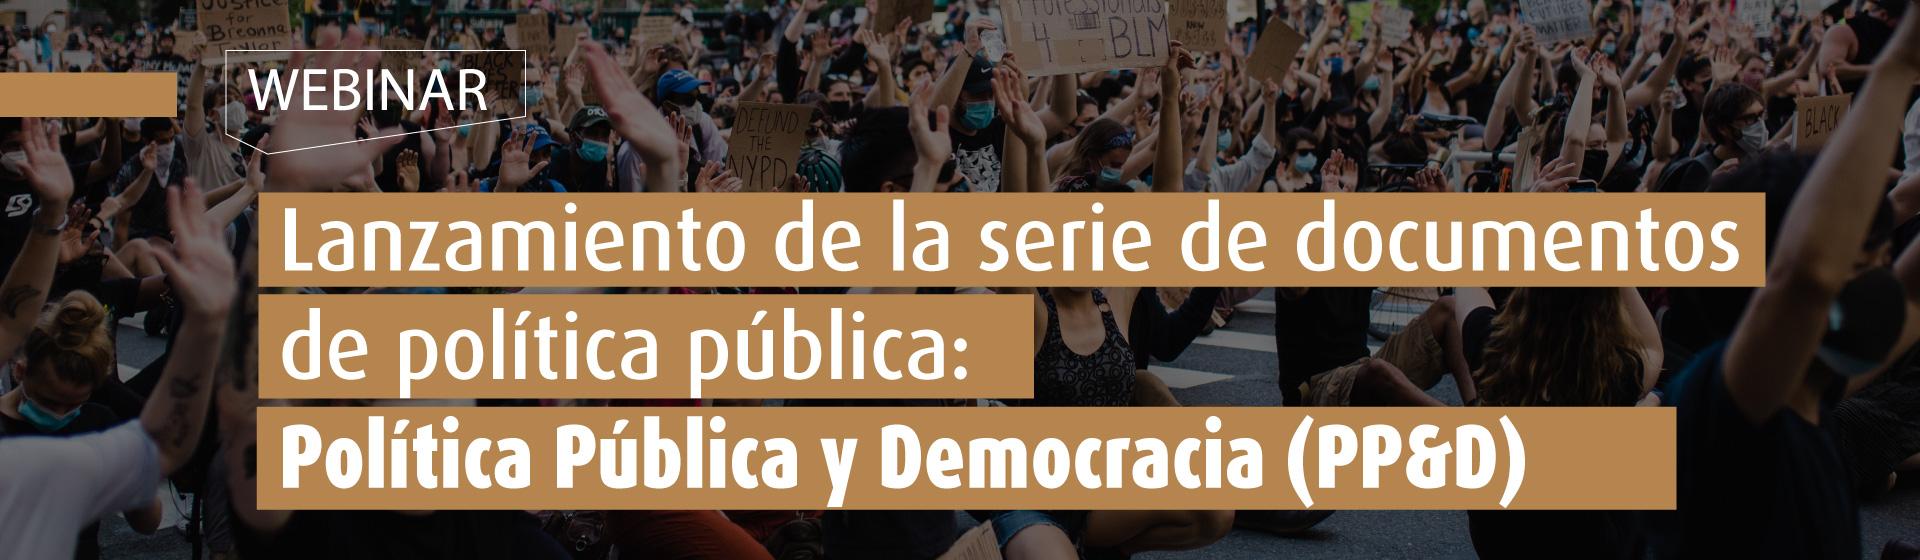 Lanzamiento de la serie de documentos de política pública : Política Pública y Democracia ( PP&D)- Cider | Uniandes